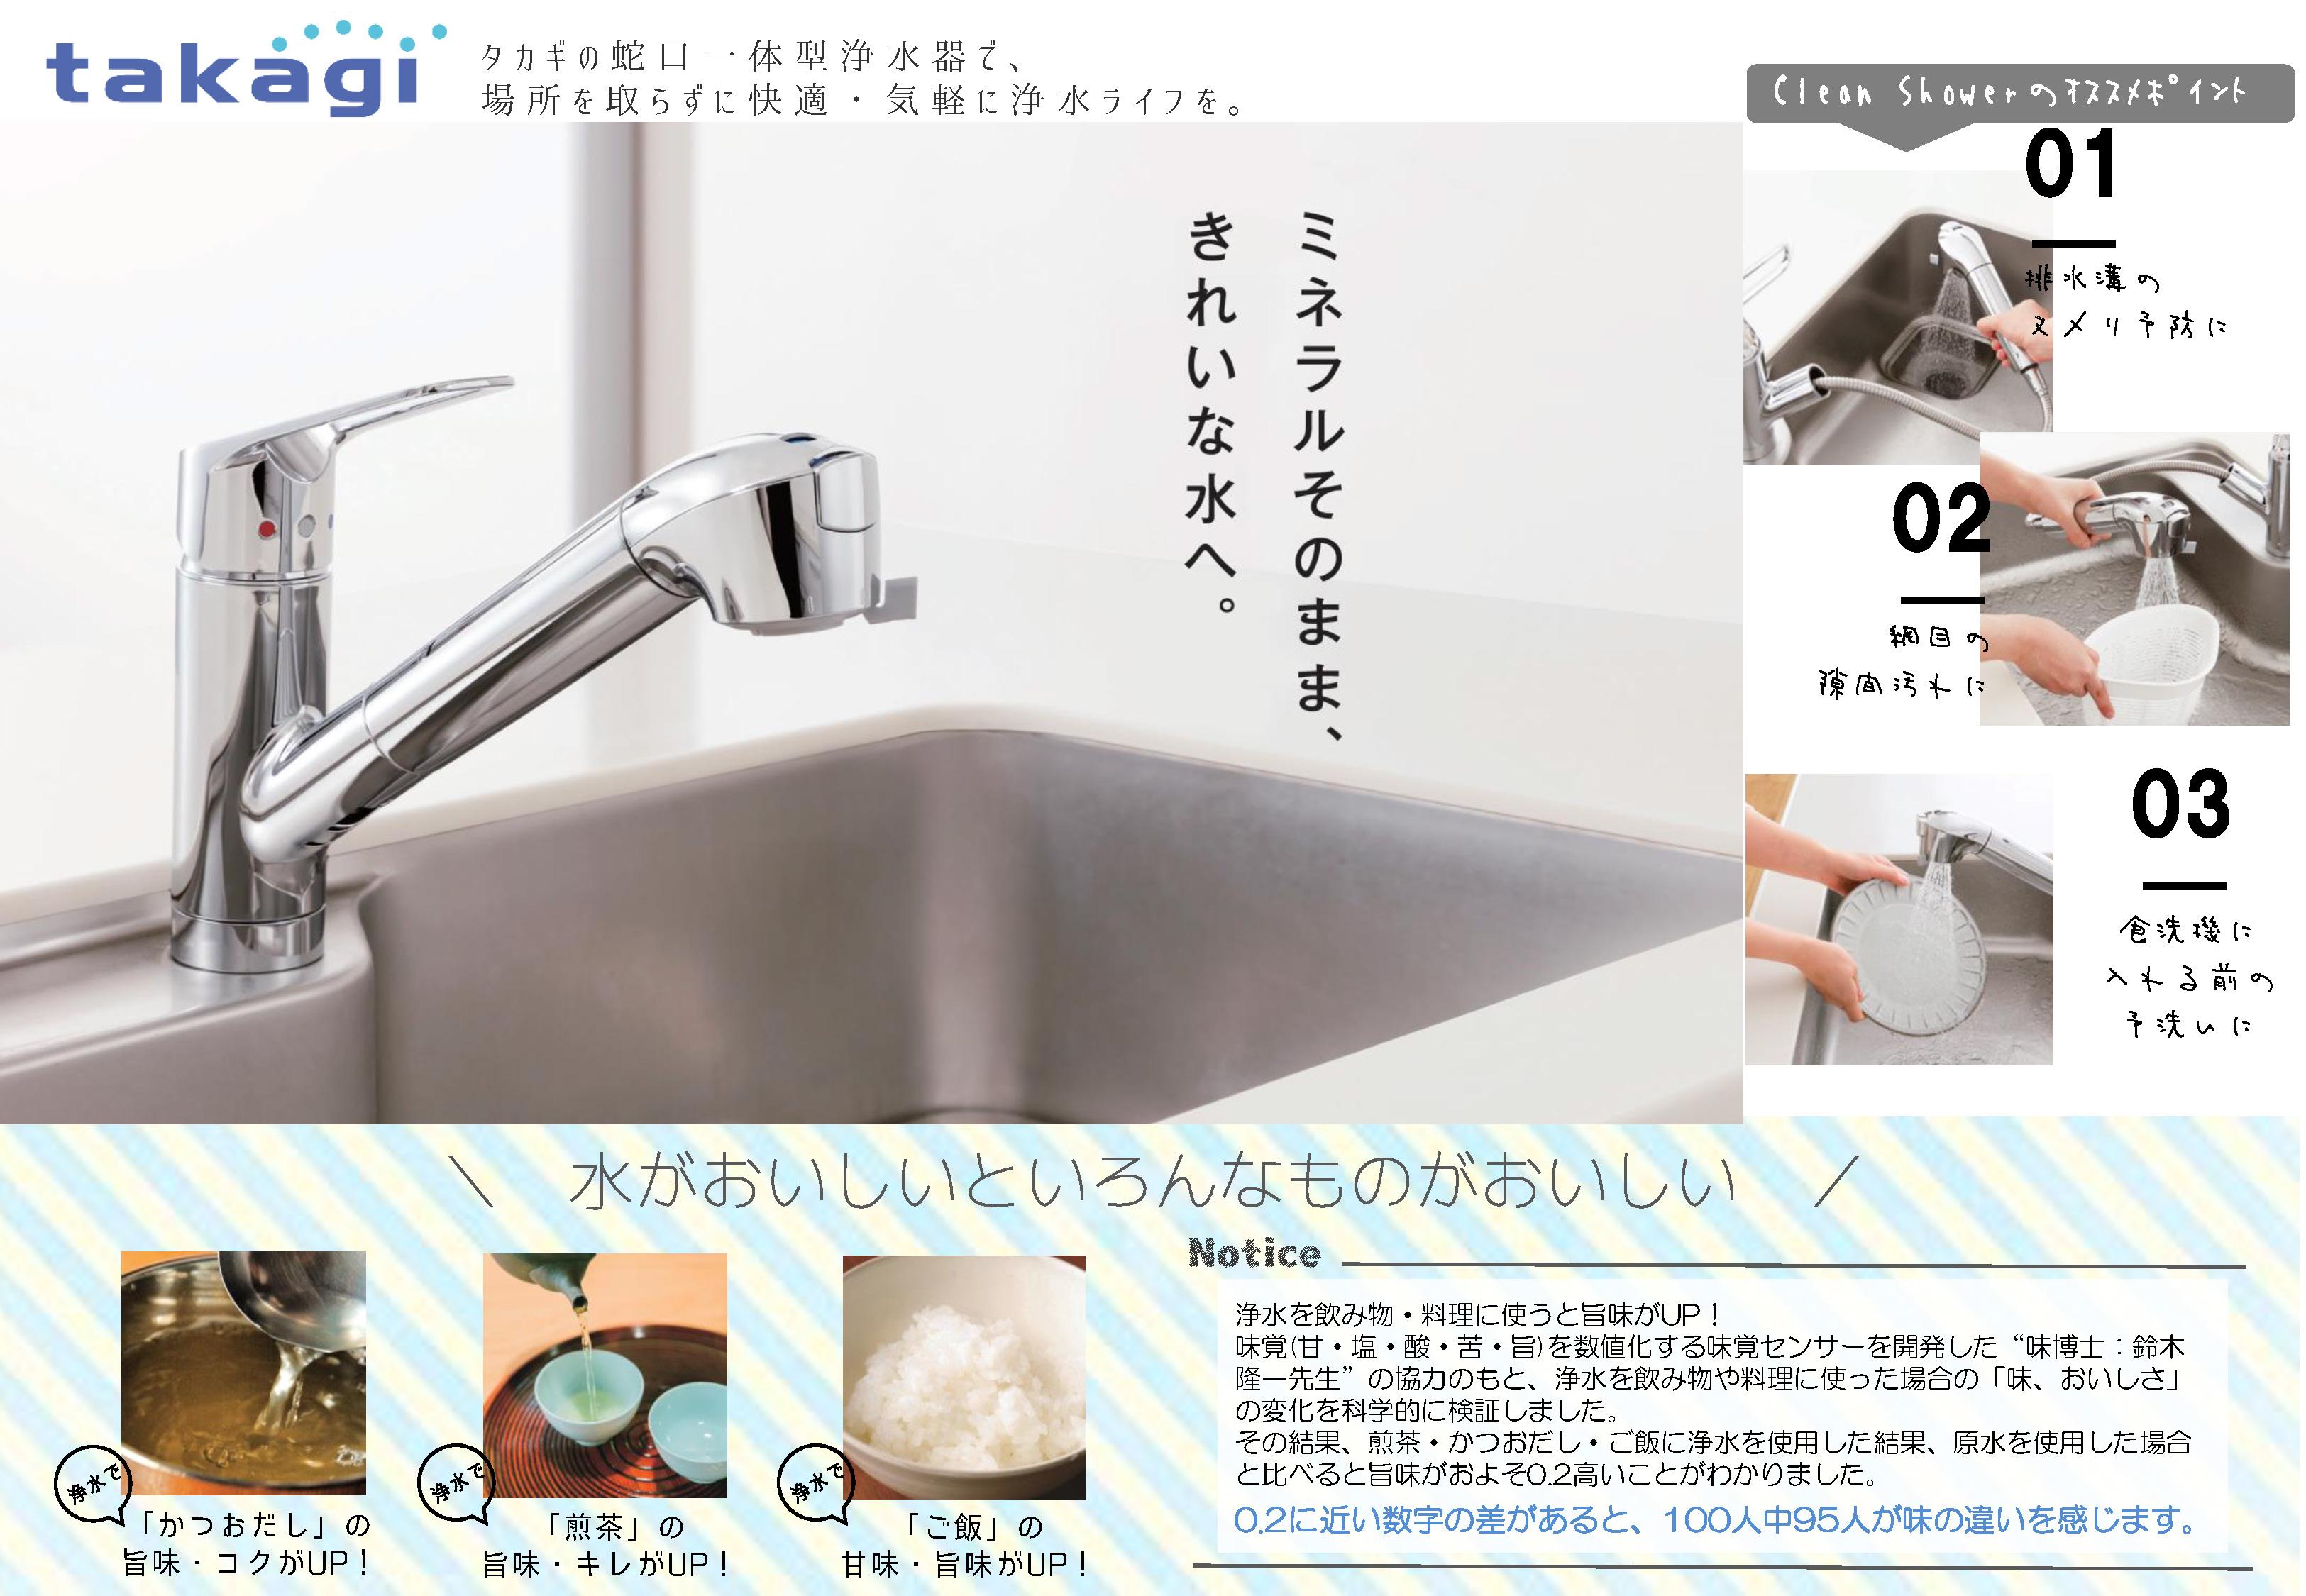 タカギの蛇口一体型浄水器で、場所を取らずに快適・気軽に浄水ライフを。